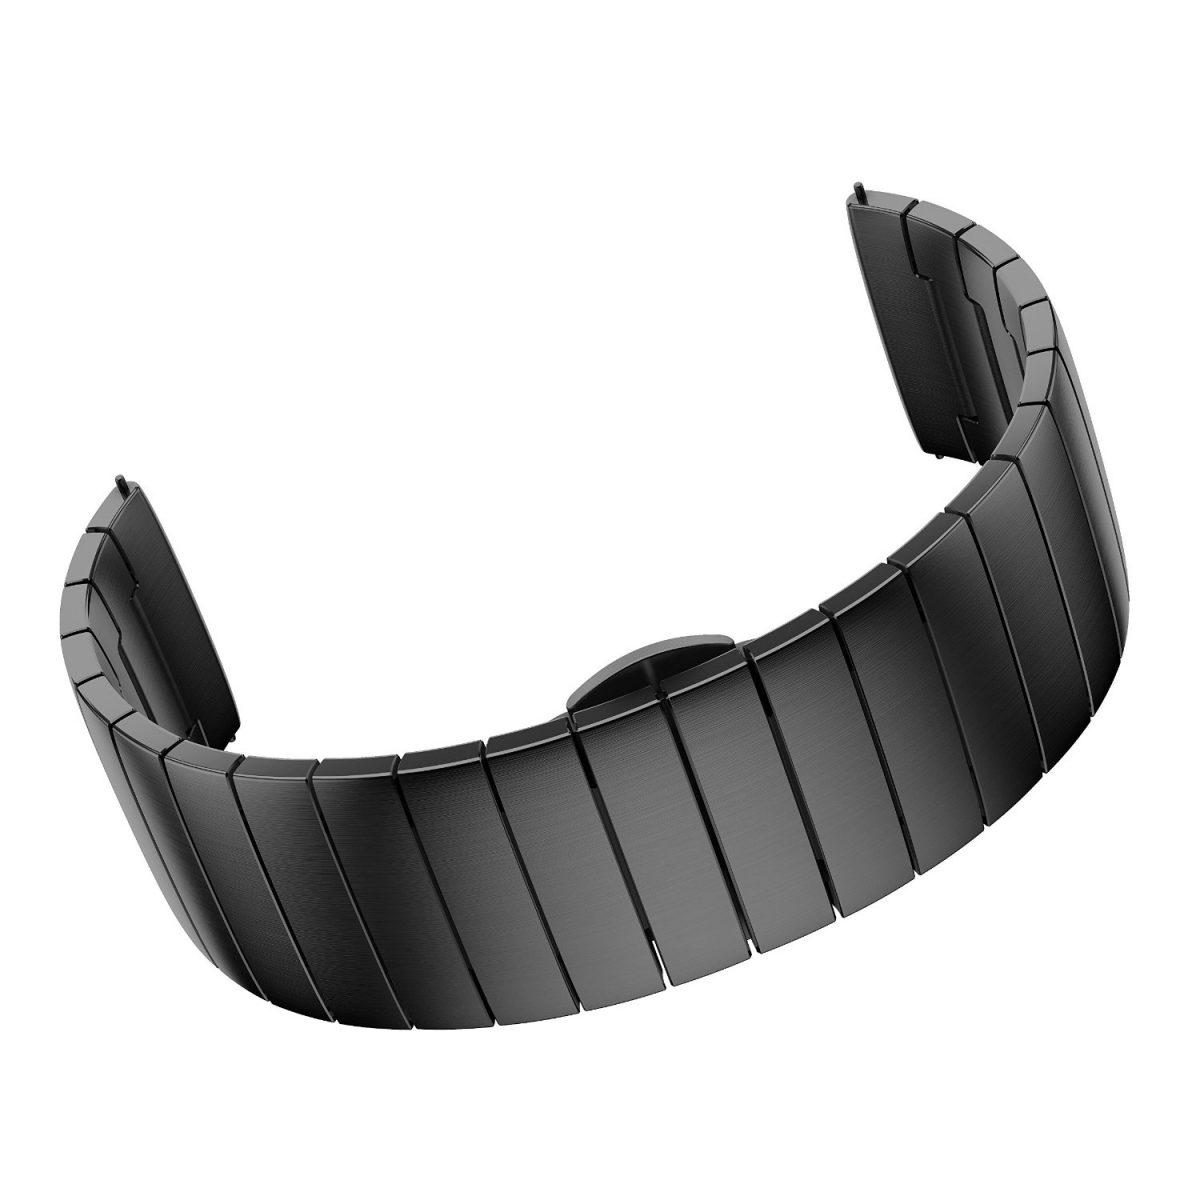 ASUS ZenWatch 2: Armbändern und Ladekabel jetzt offiziell erhältlich 7